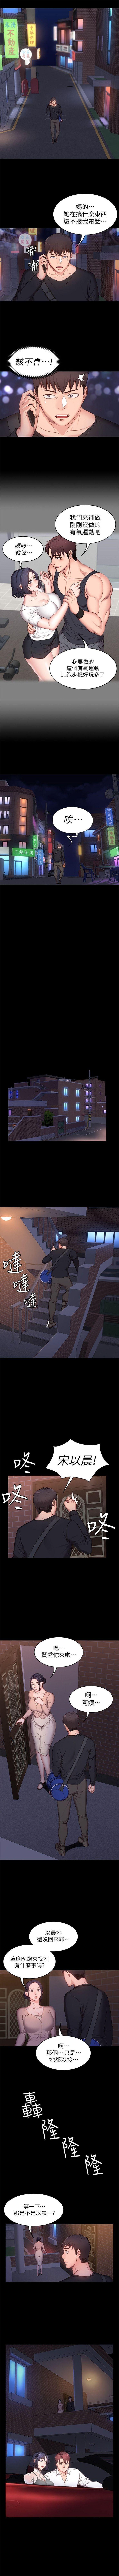 健身教練 1-56 官方中文(連載中) 21